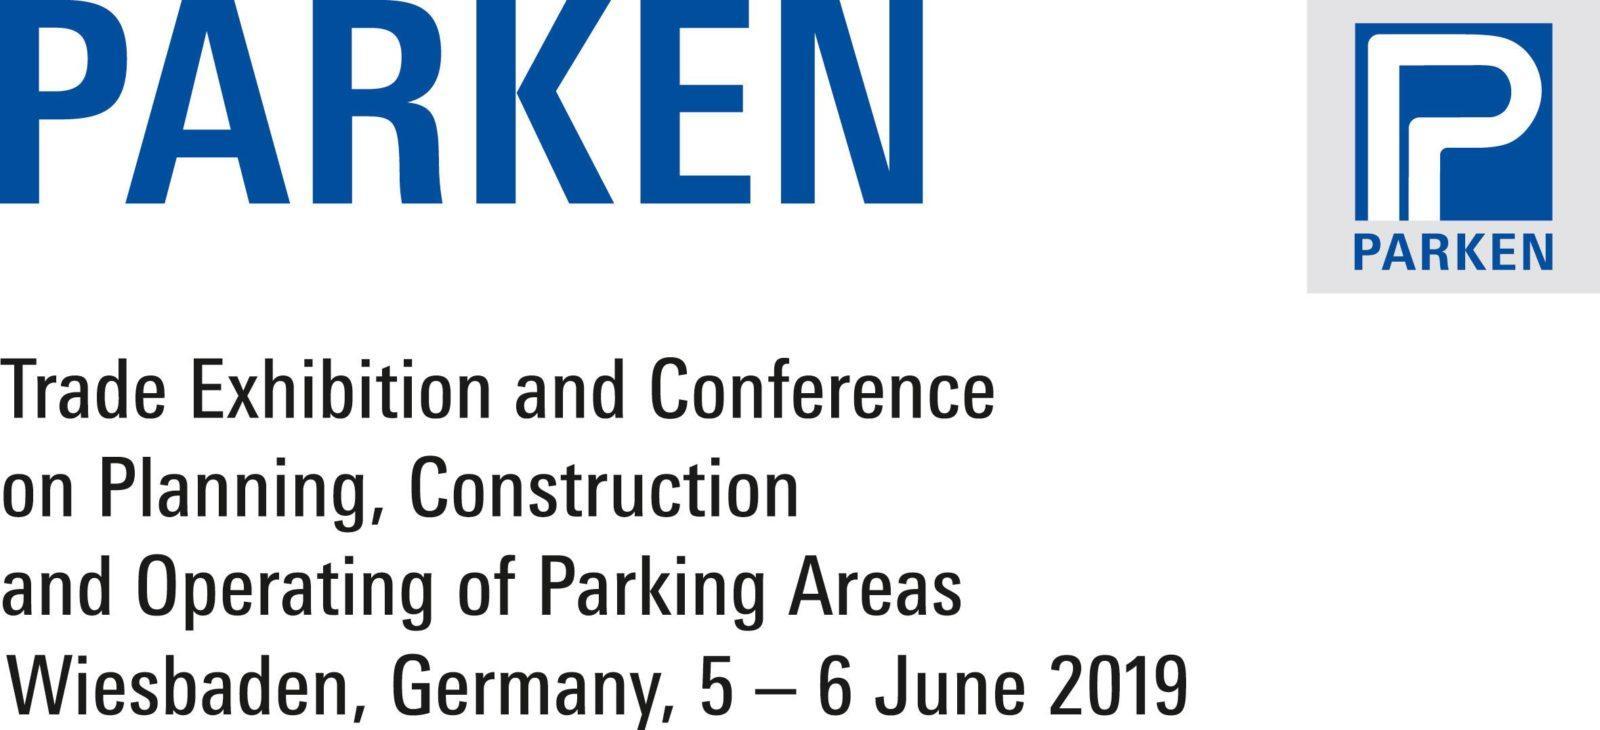 Parken 2019 in Wiesbaden